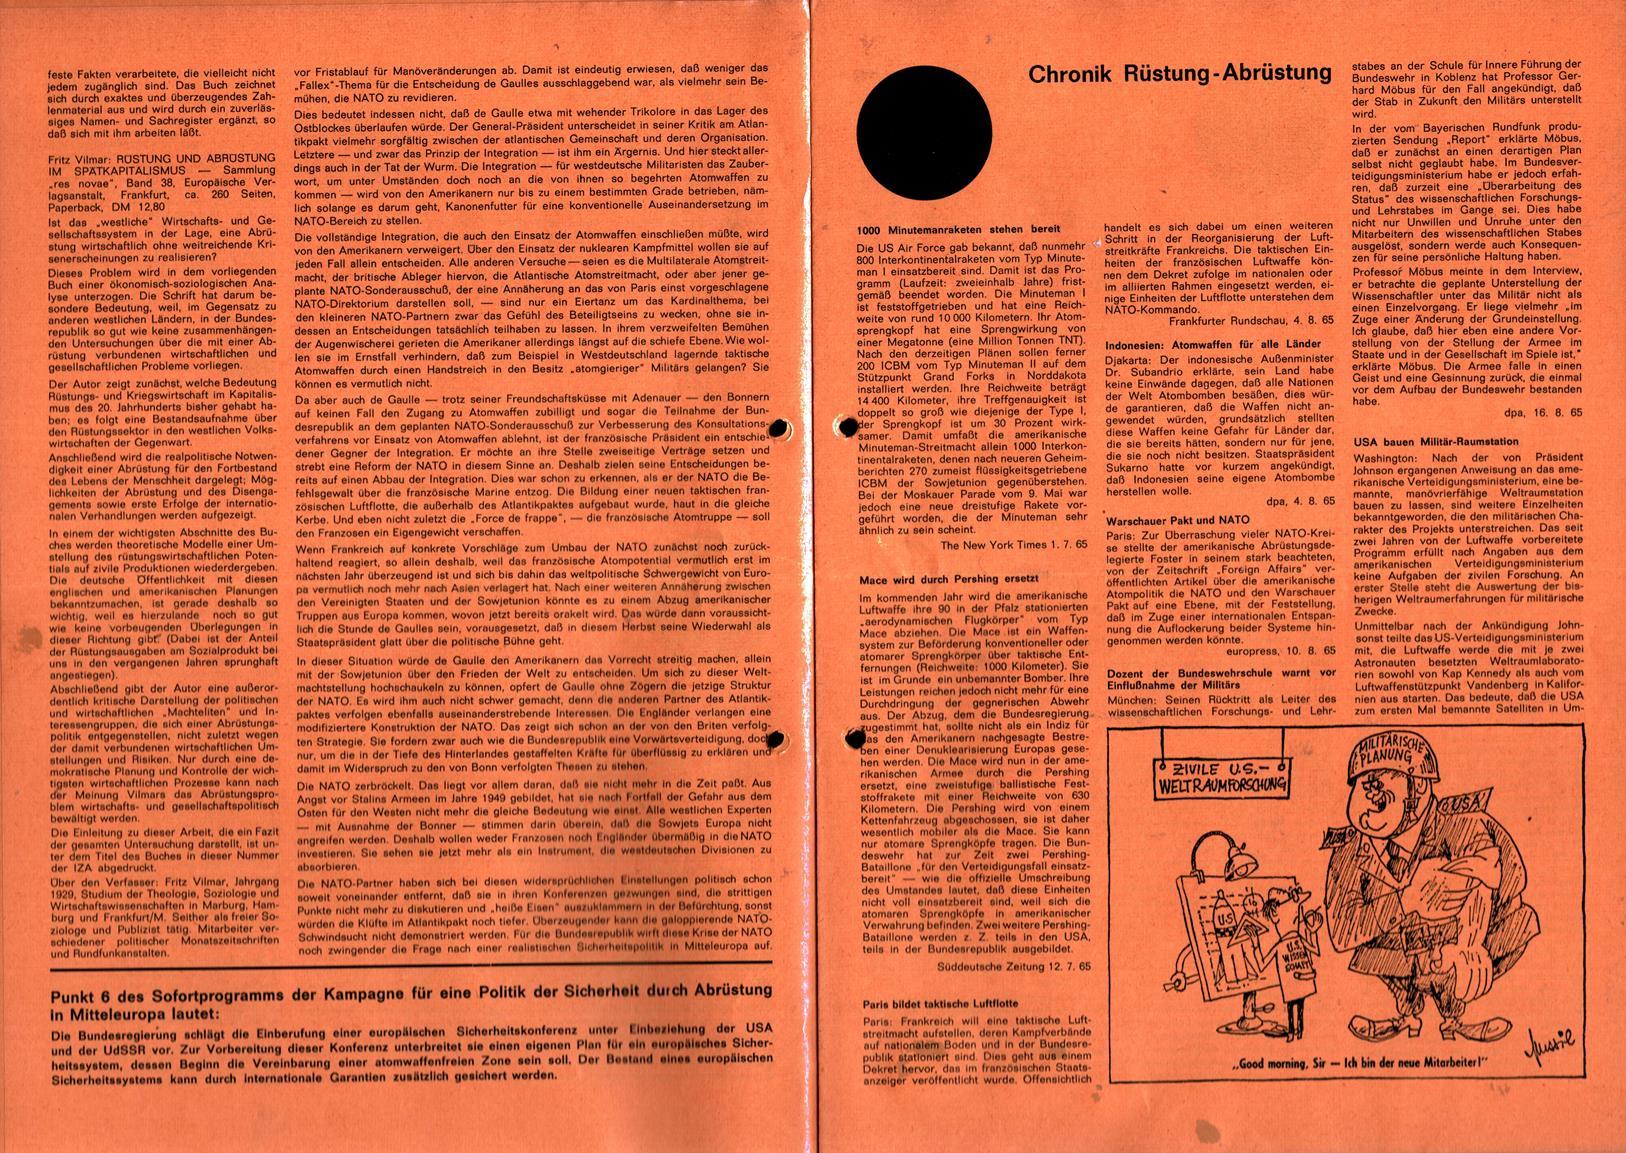 Infos_zur_Abruestung_1965_026_003